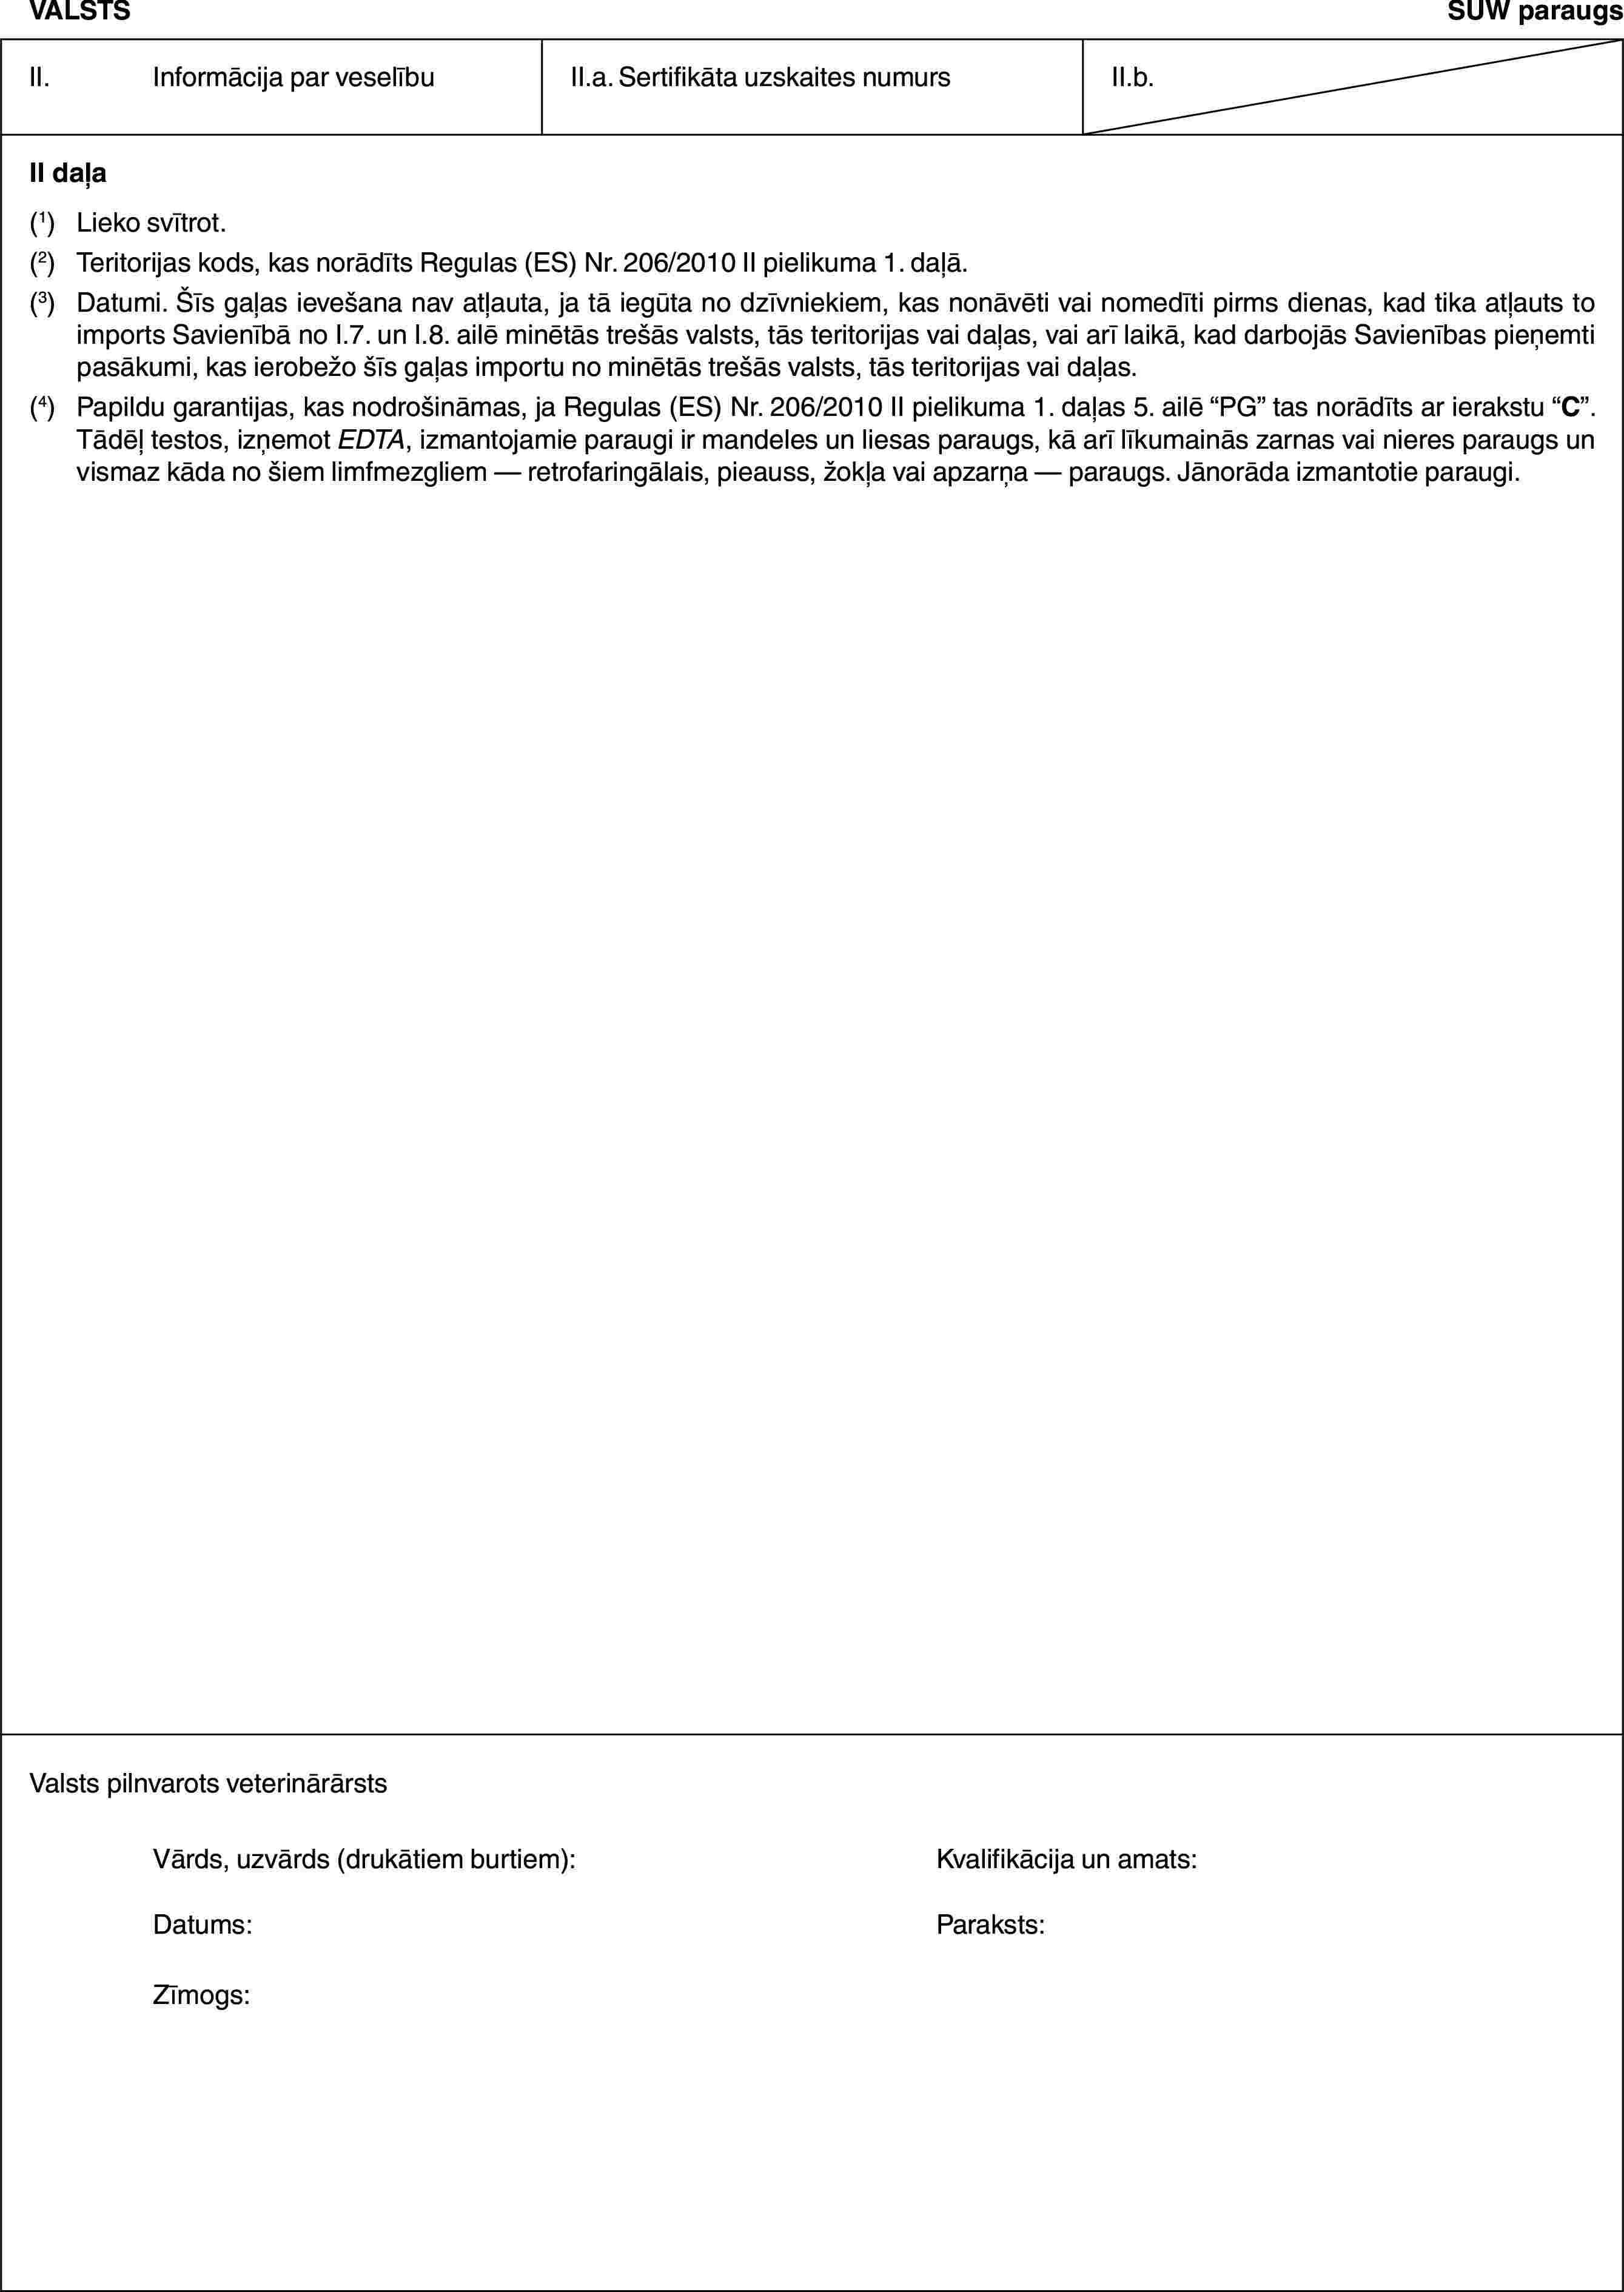 Schön Xcode Dateivorlagen Bilder - Ideen Wieder Aufnehmen - riobec.info